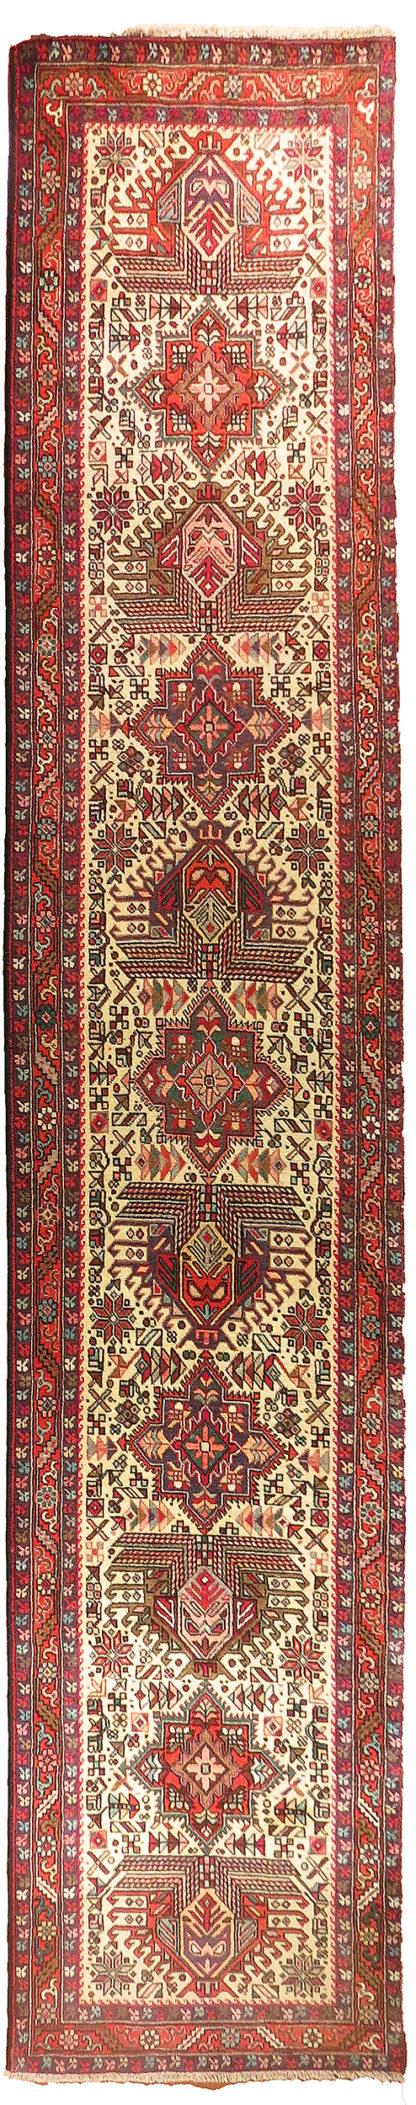 Persian Karajeh Runner 3x12 Red Ivory Wool Area Rug